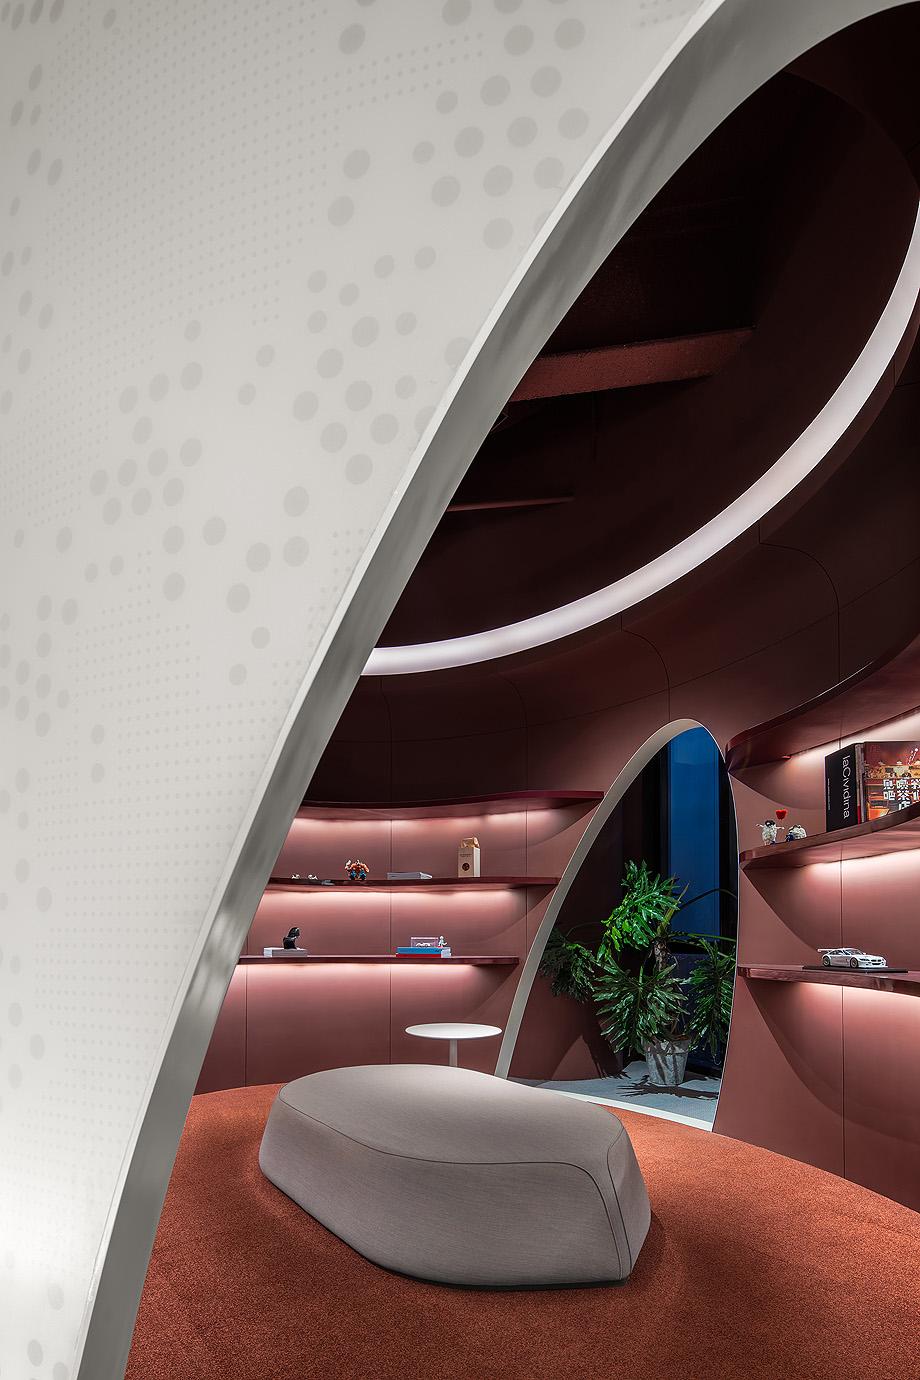 oficinas de new silk road de dang ming (6) - foto tan xiao